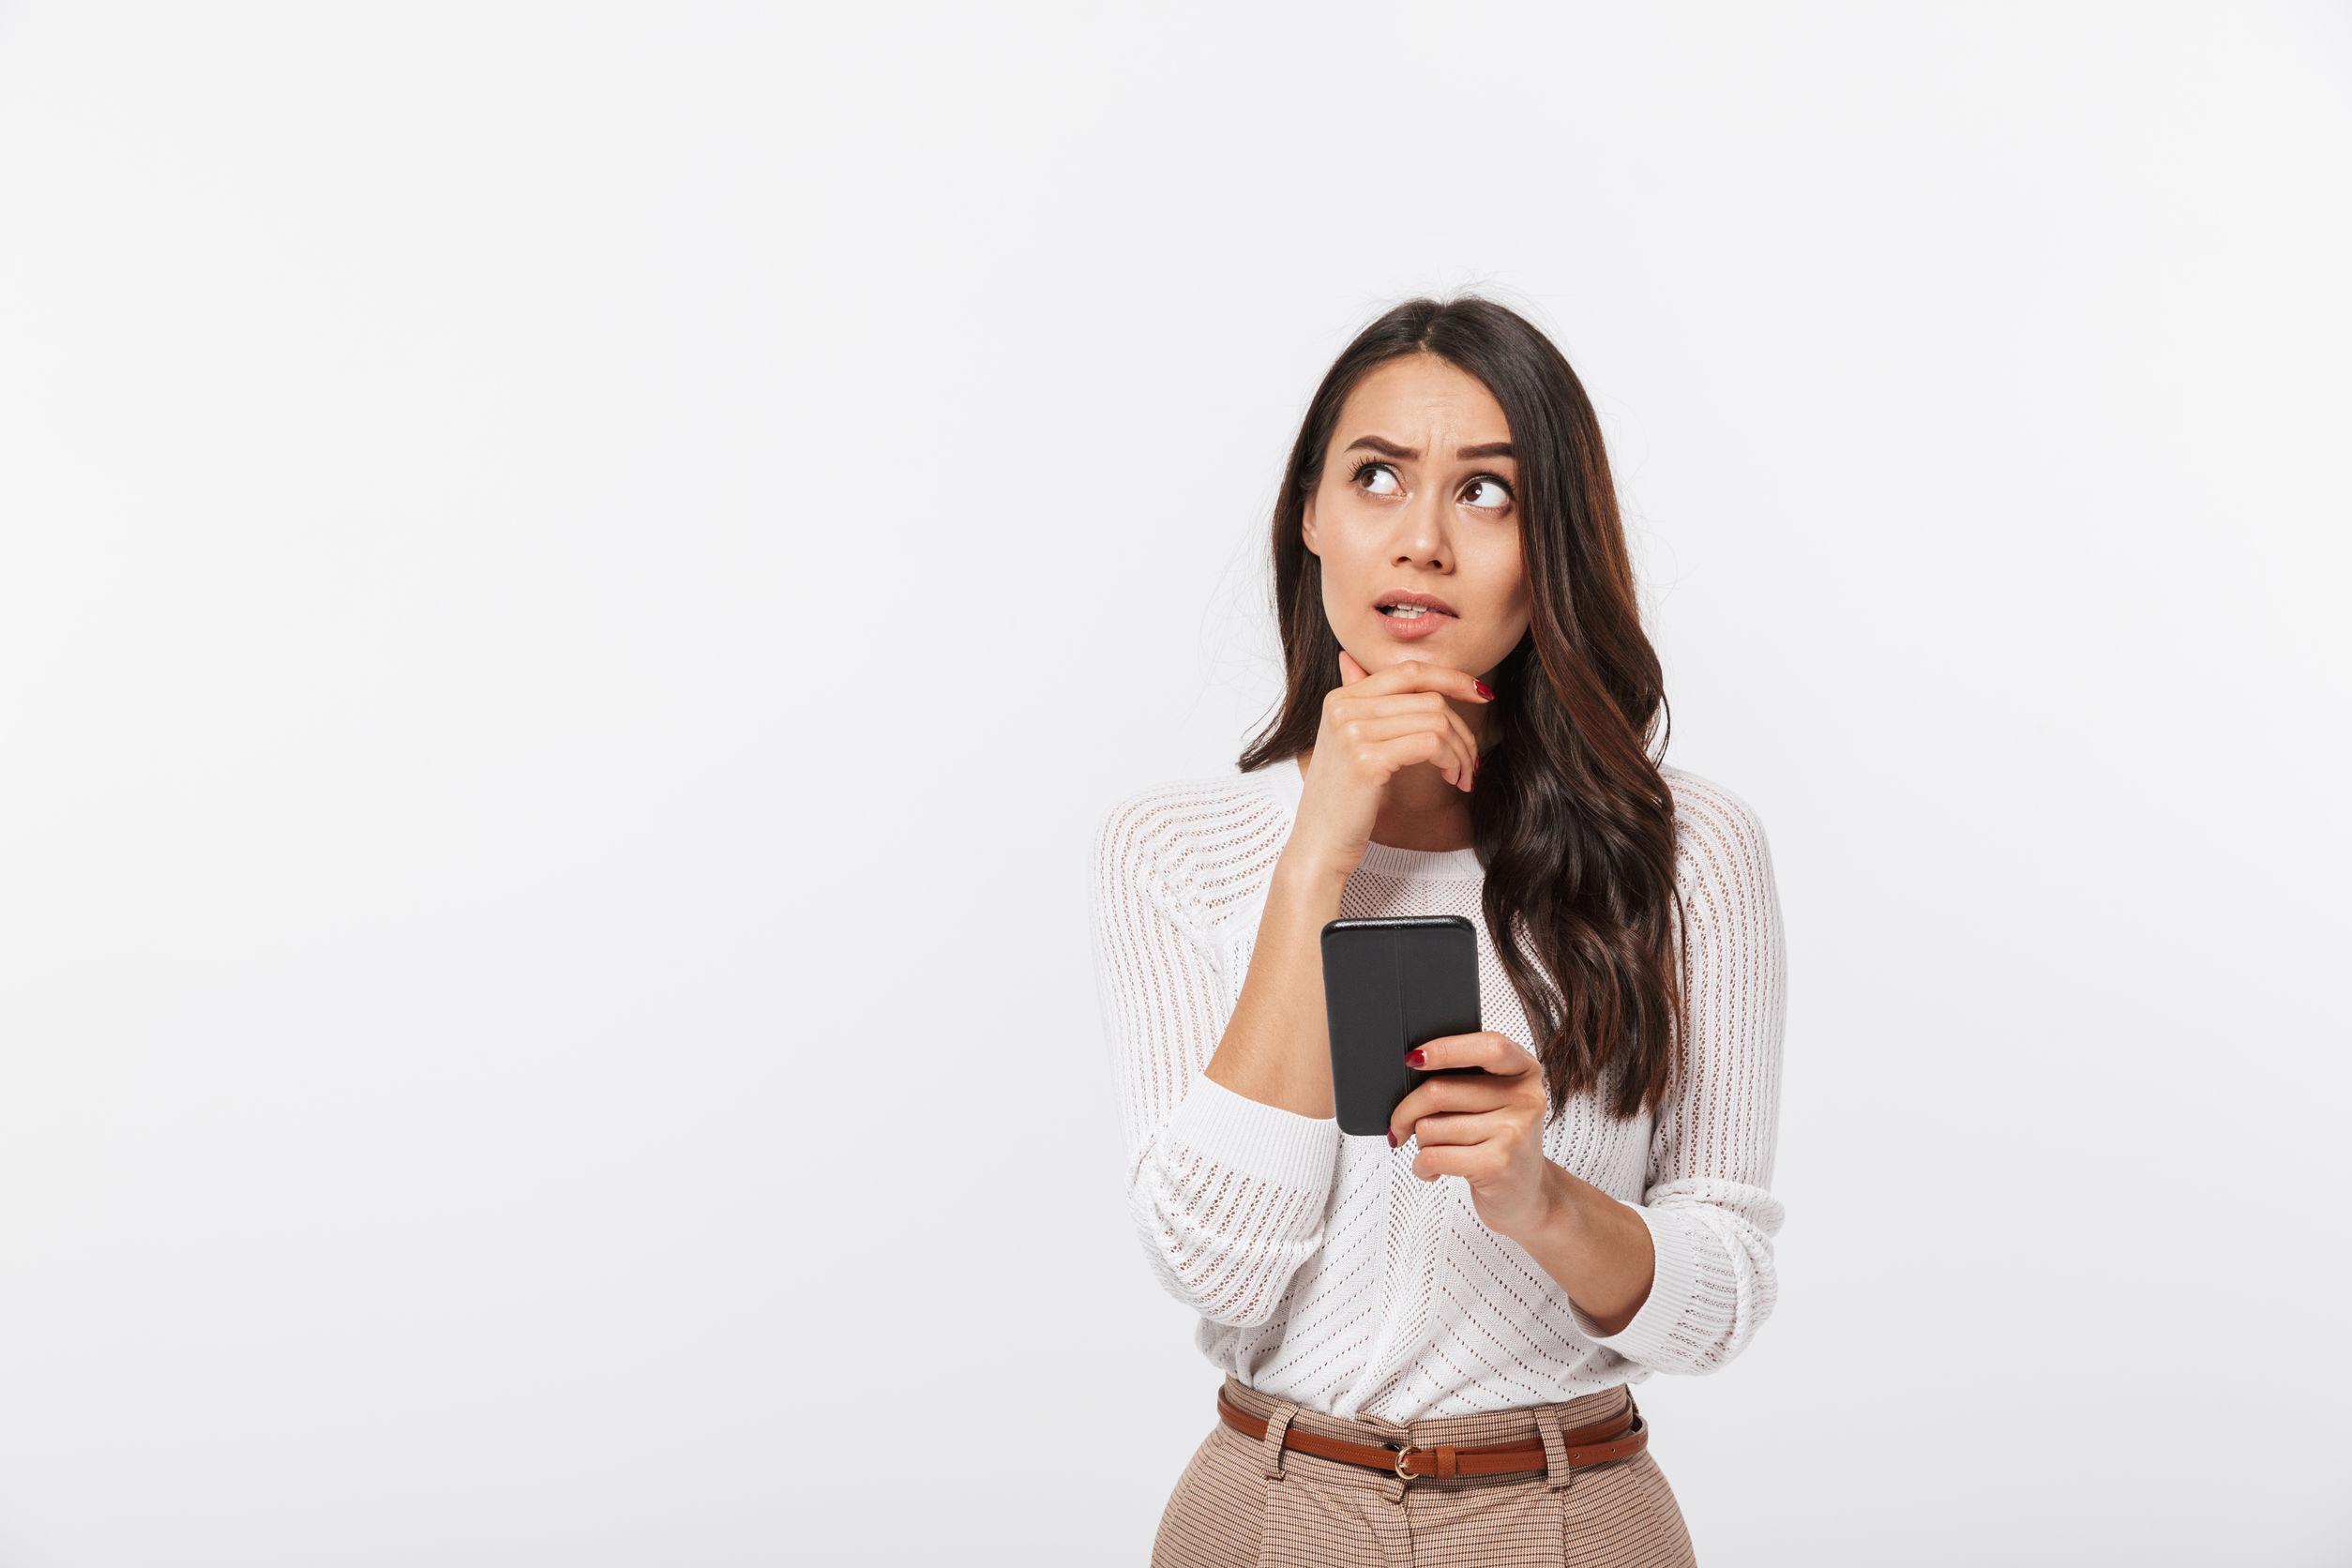 Ciclos de pensamento negativo podem estar ligados à demência – Naturopathic Doctor News and Review